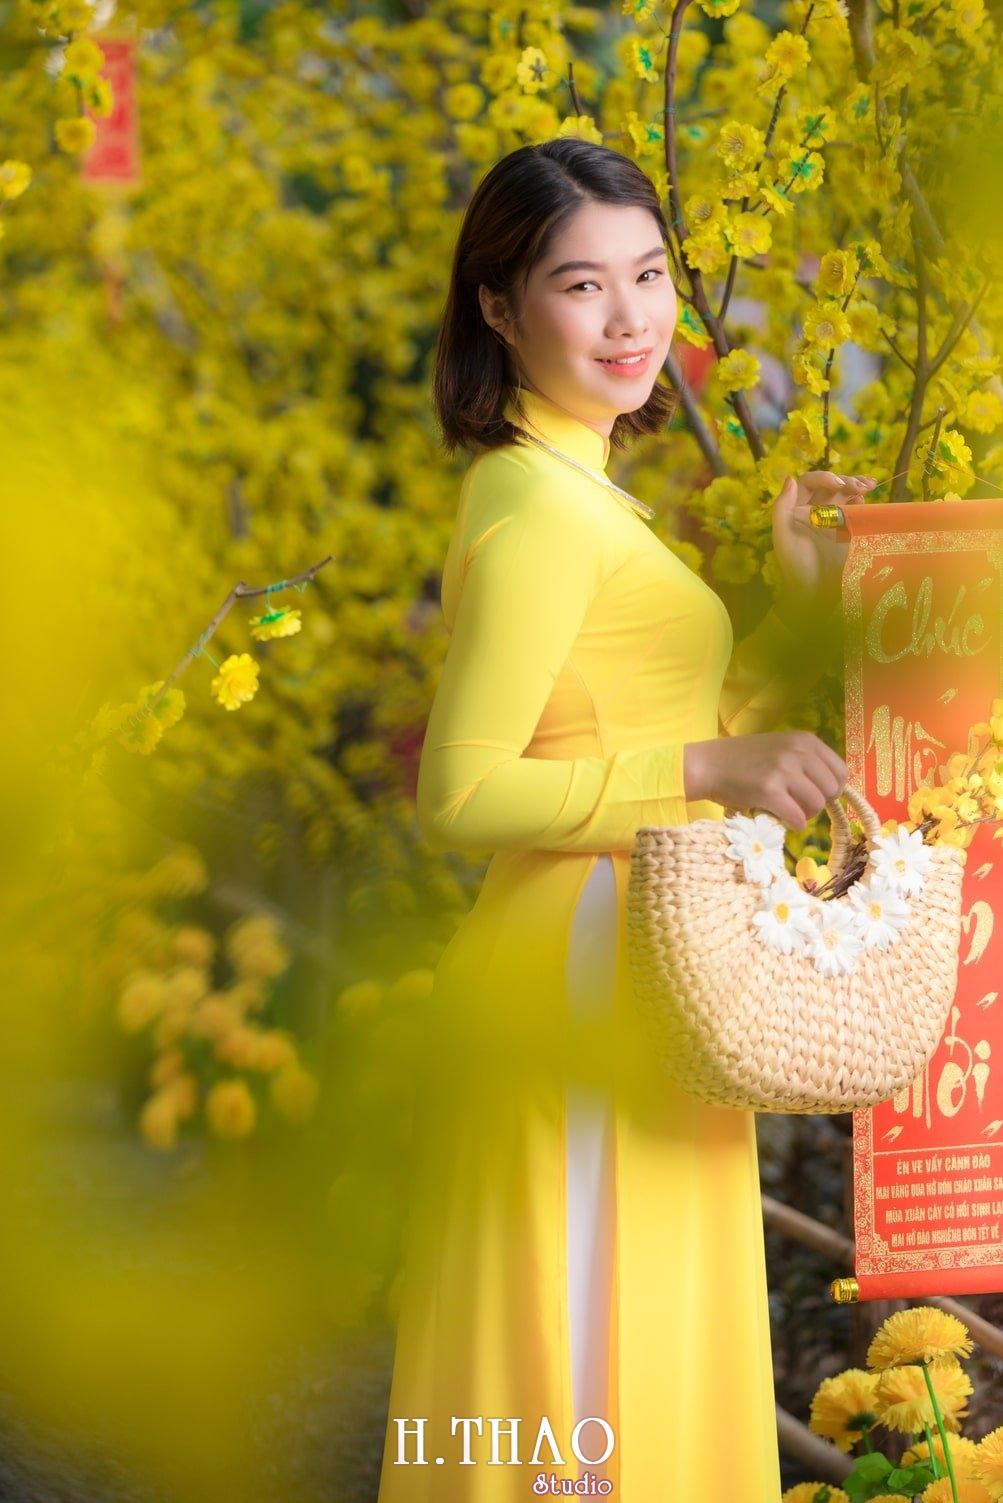 Ao dai tet 5 - Top 40 ảnh áo dài chụp với Hoa đào, hoa mai tết tuyệt đẹp- HThao Studio